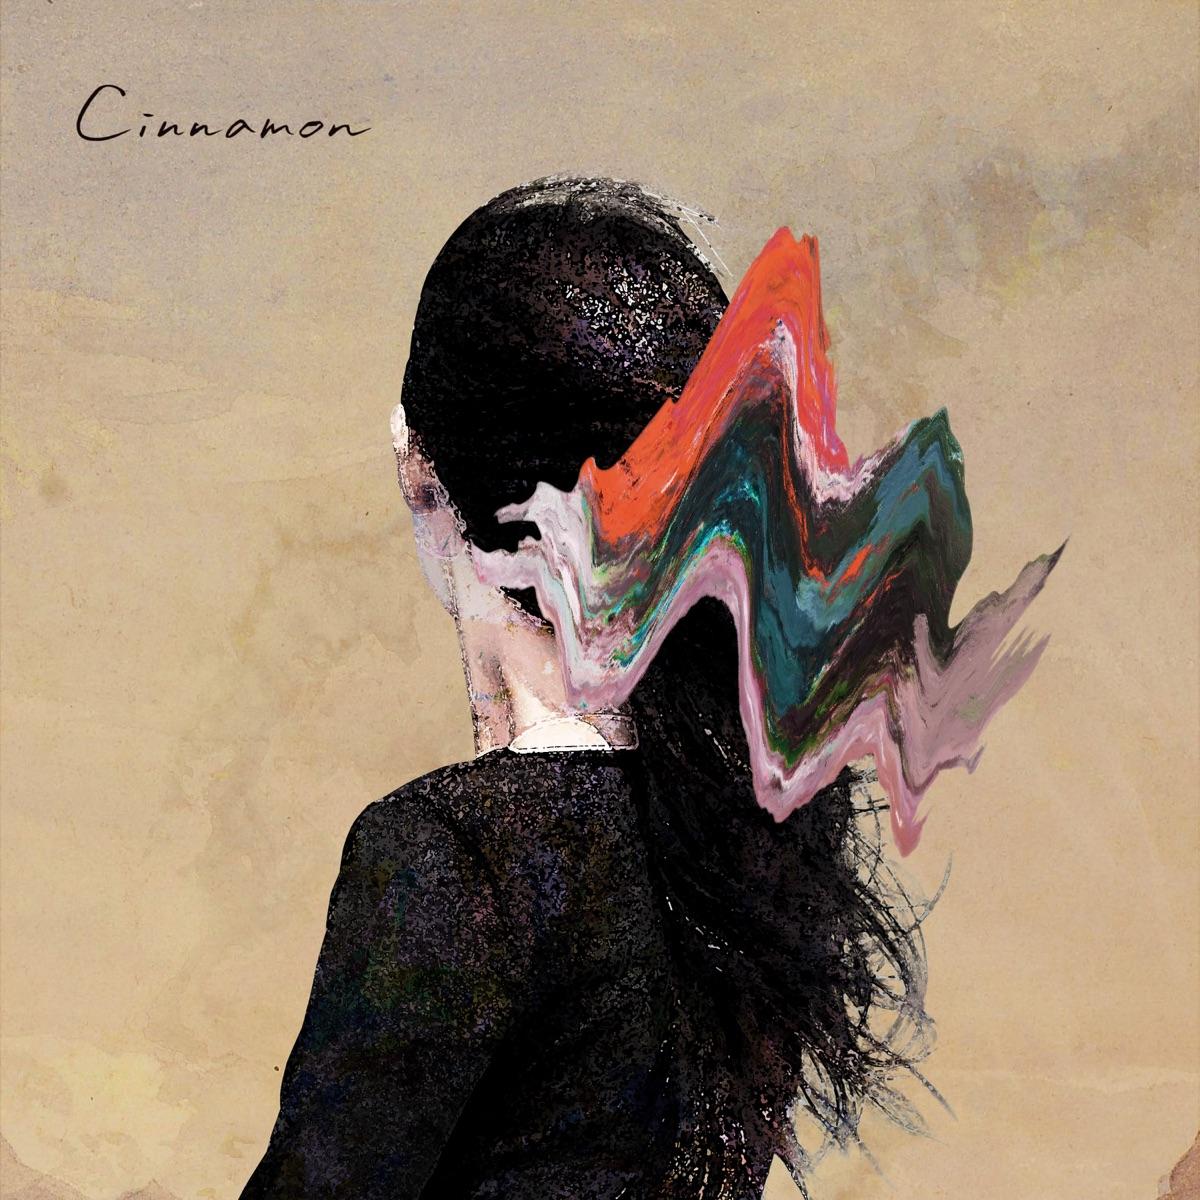 『キタニタツヤ - Cinnamon』収録の『Cinnamon』ジャケット